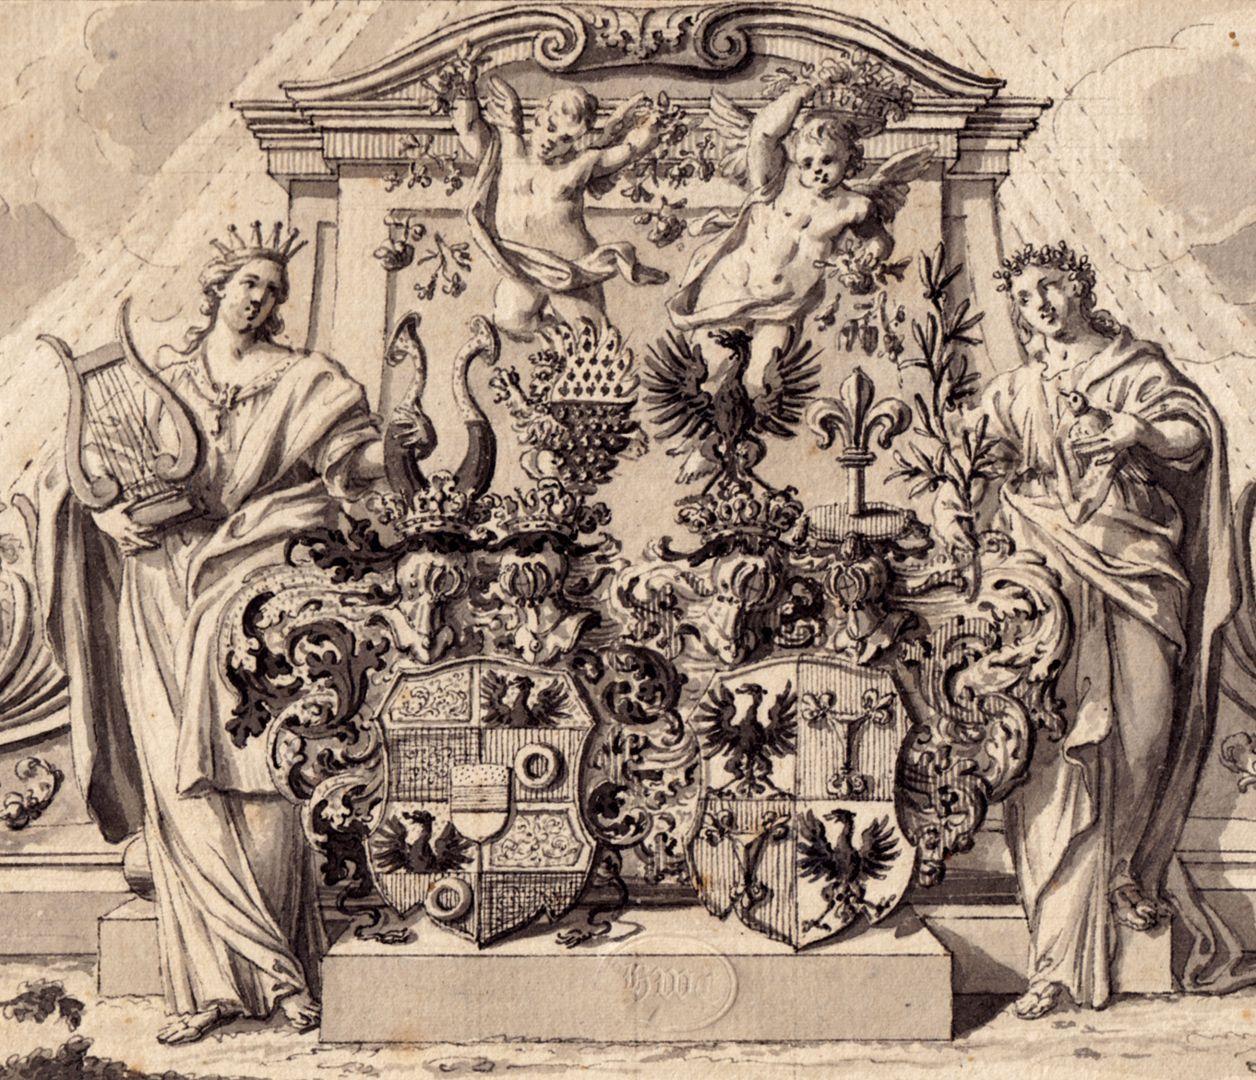 Allianzwappen Pfinzing - Nützel, vor einem allegorischen Monument Detail